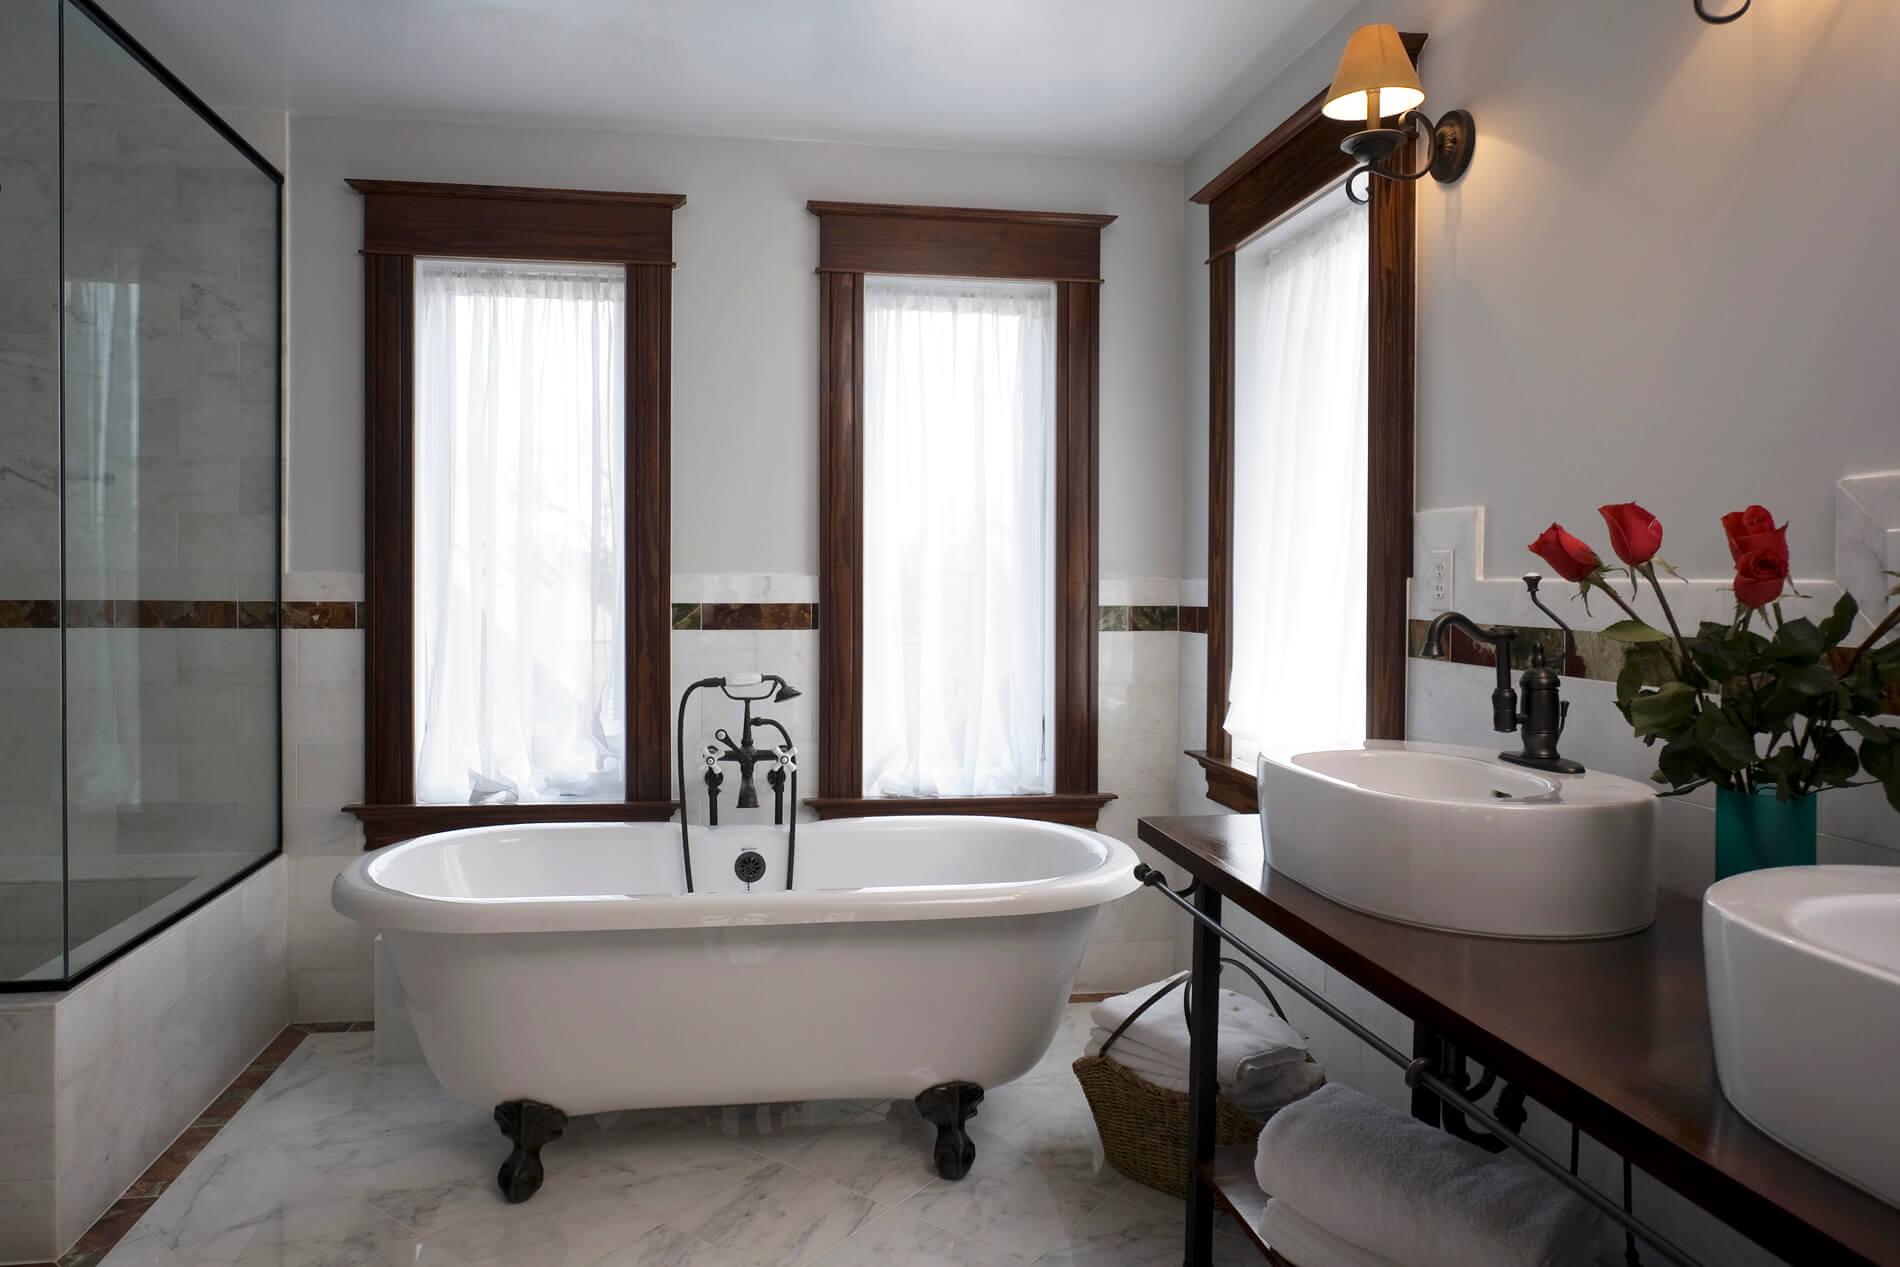 20170401 041103 een gezellige badkamer - Maak een badkamer in m ...